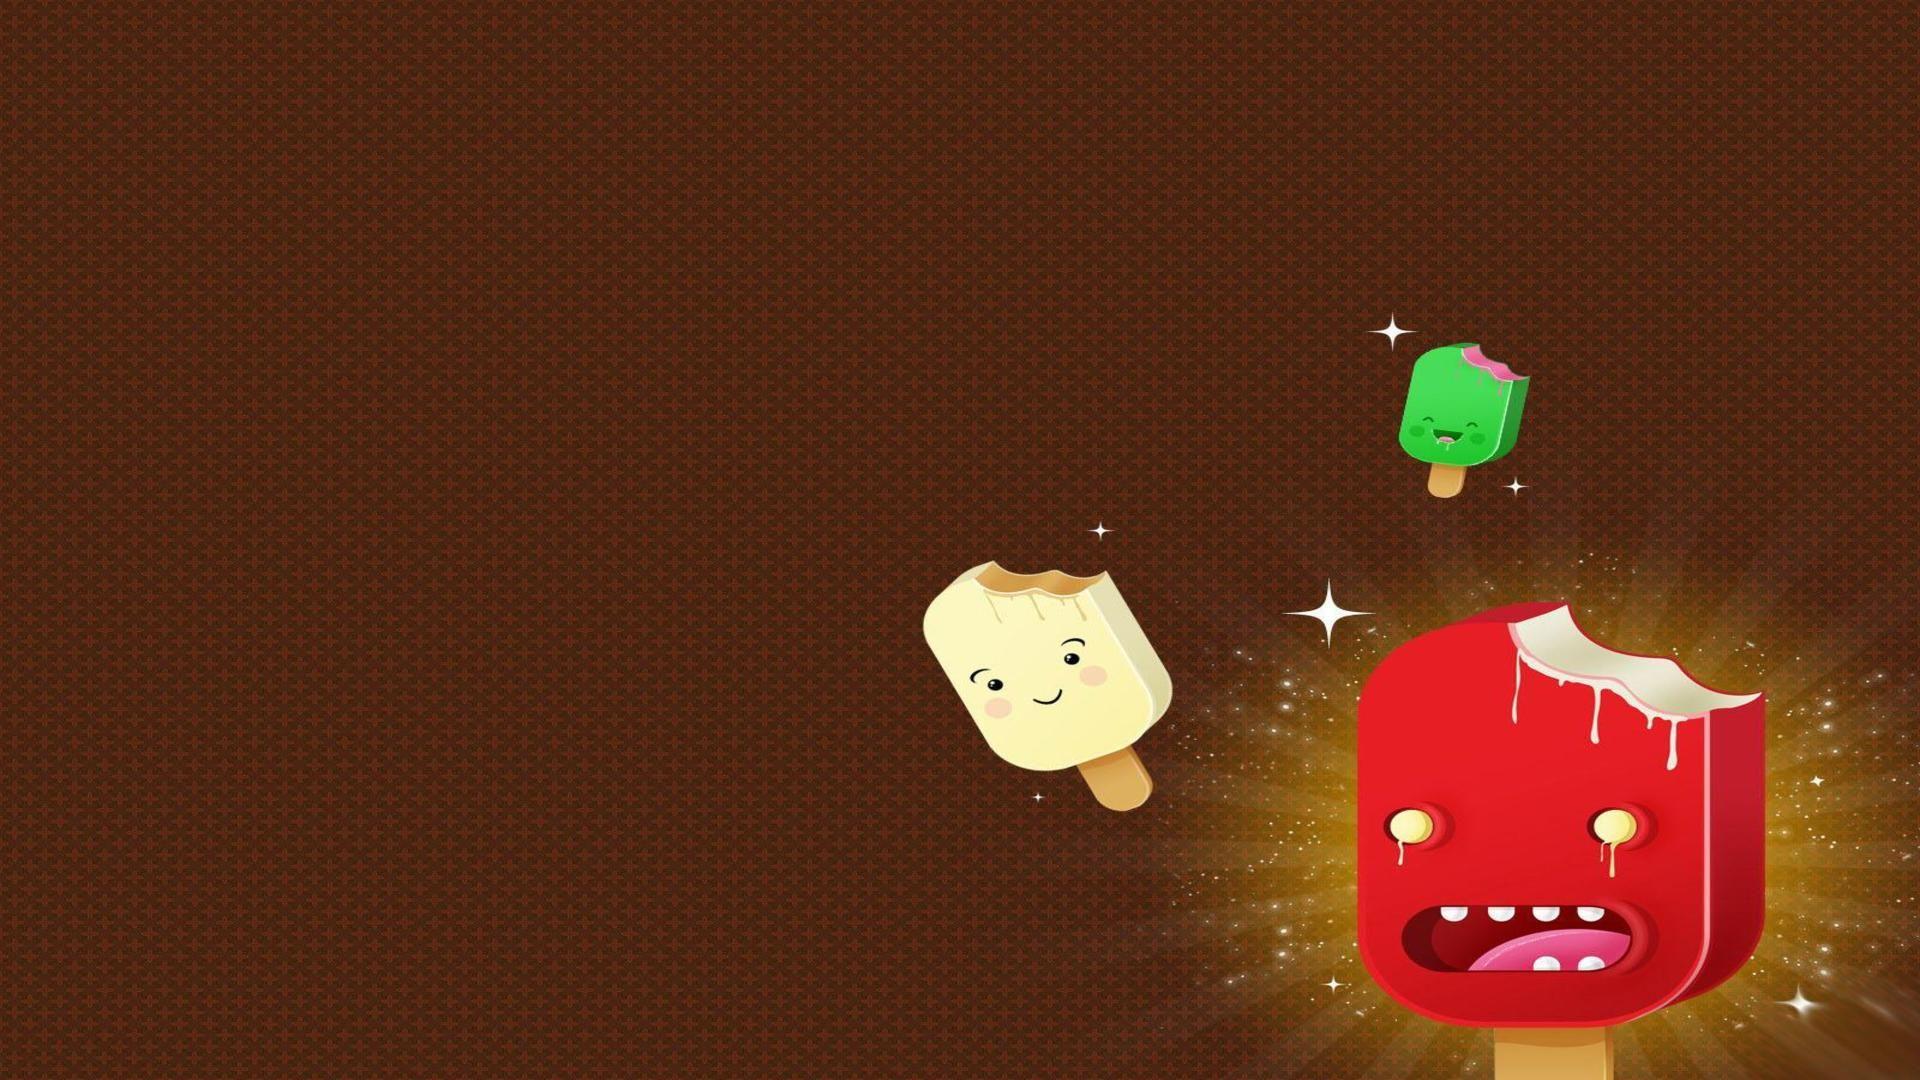 Cute Summer Desktop Backgrounds wallpaper wallpaper hd background 1920x1080